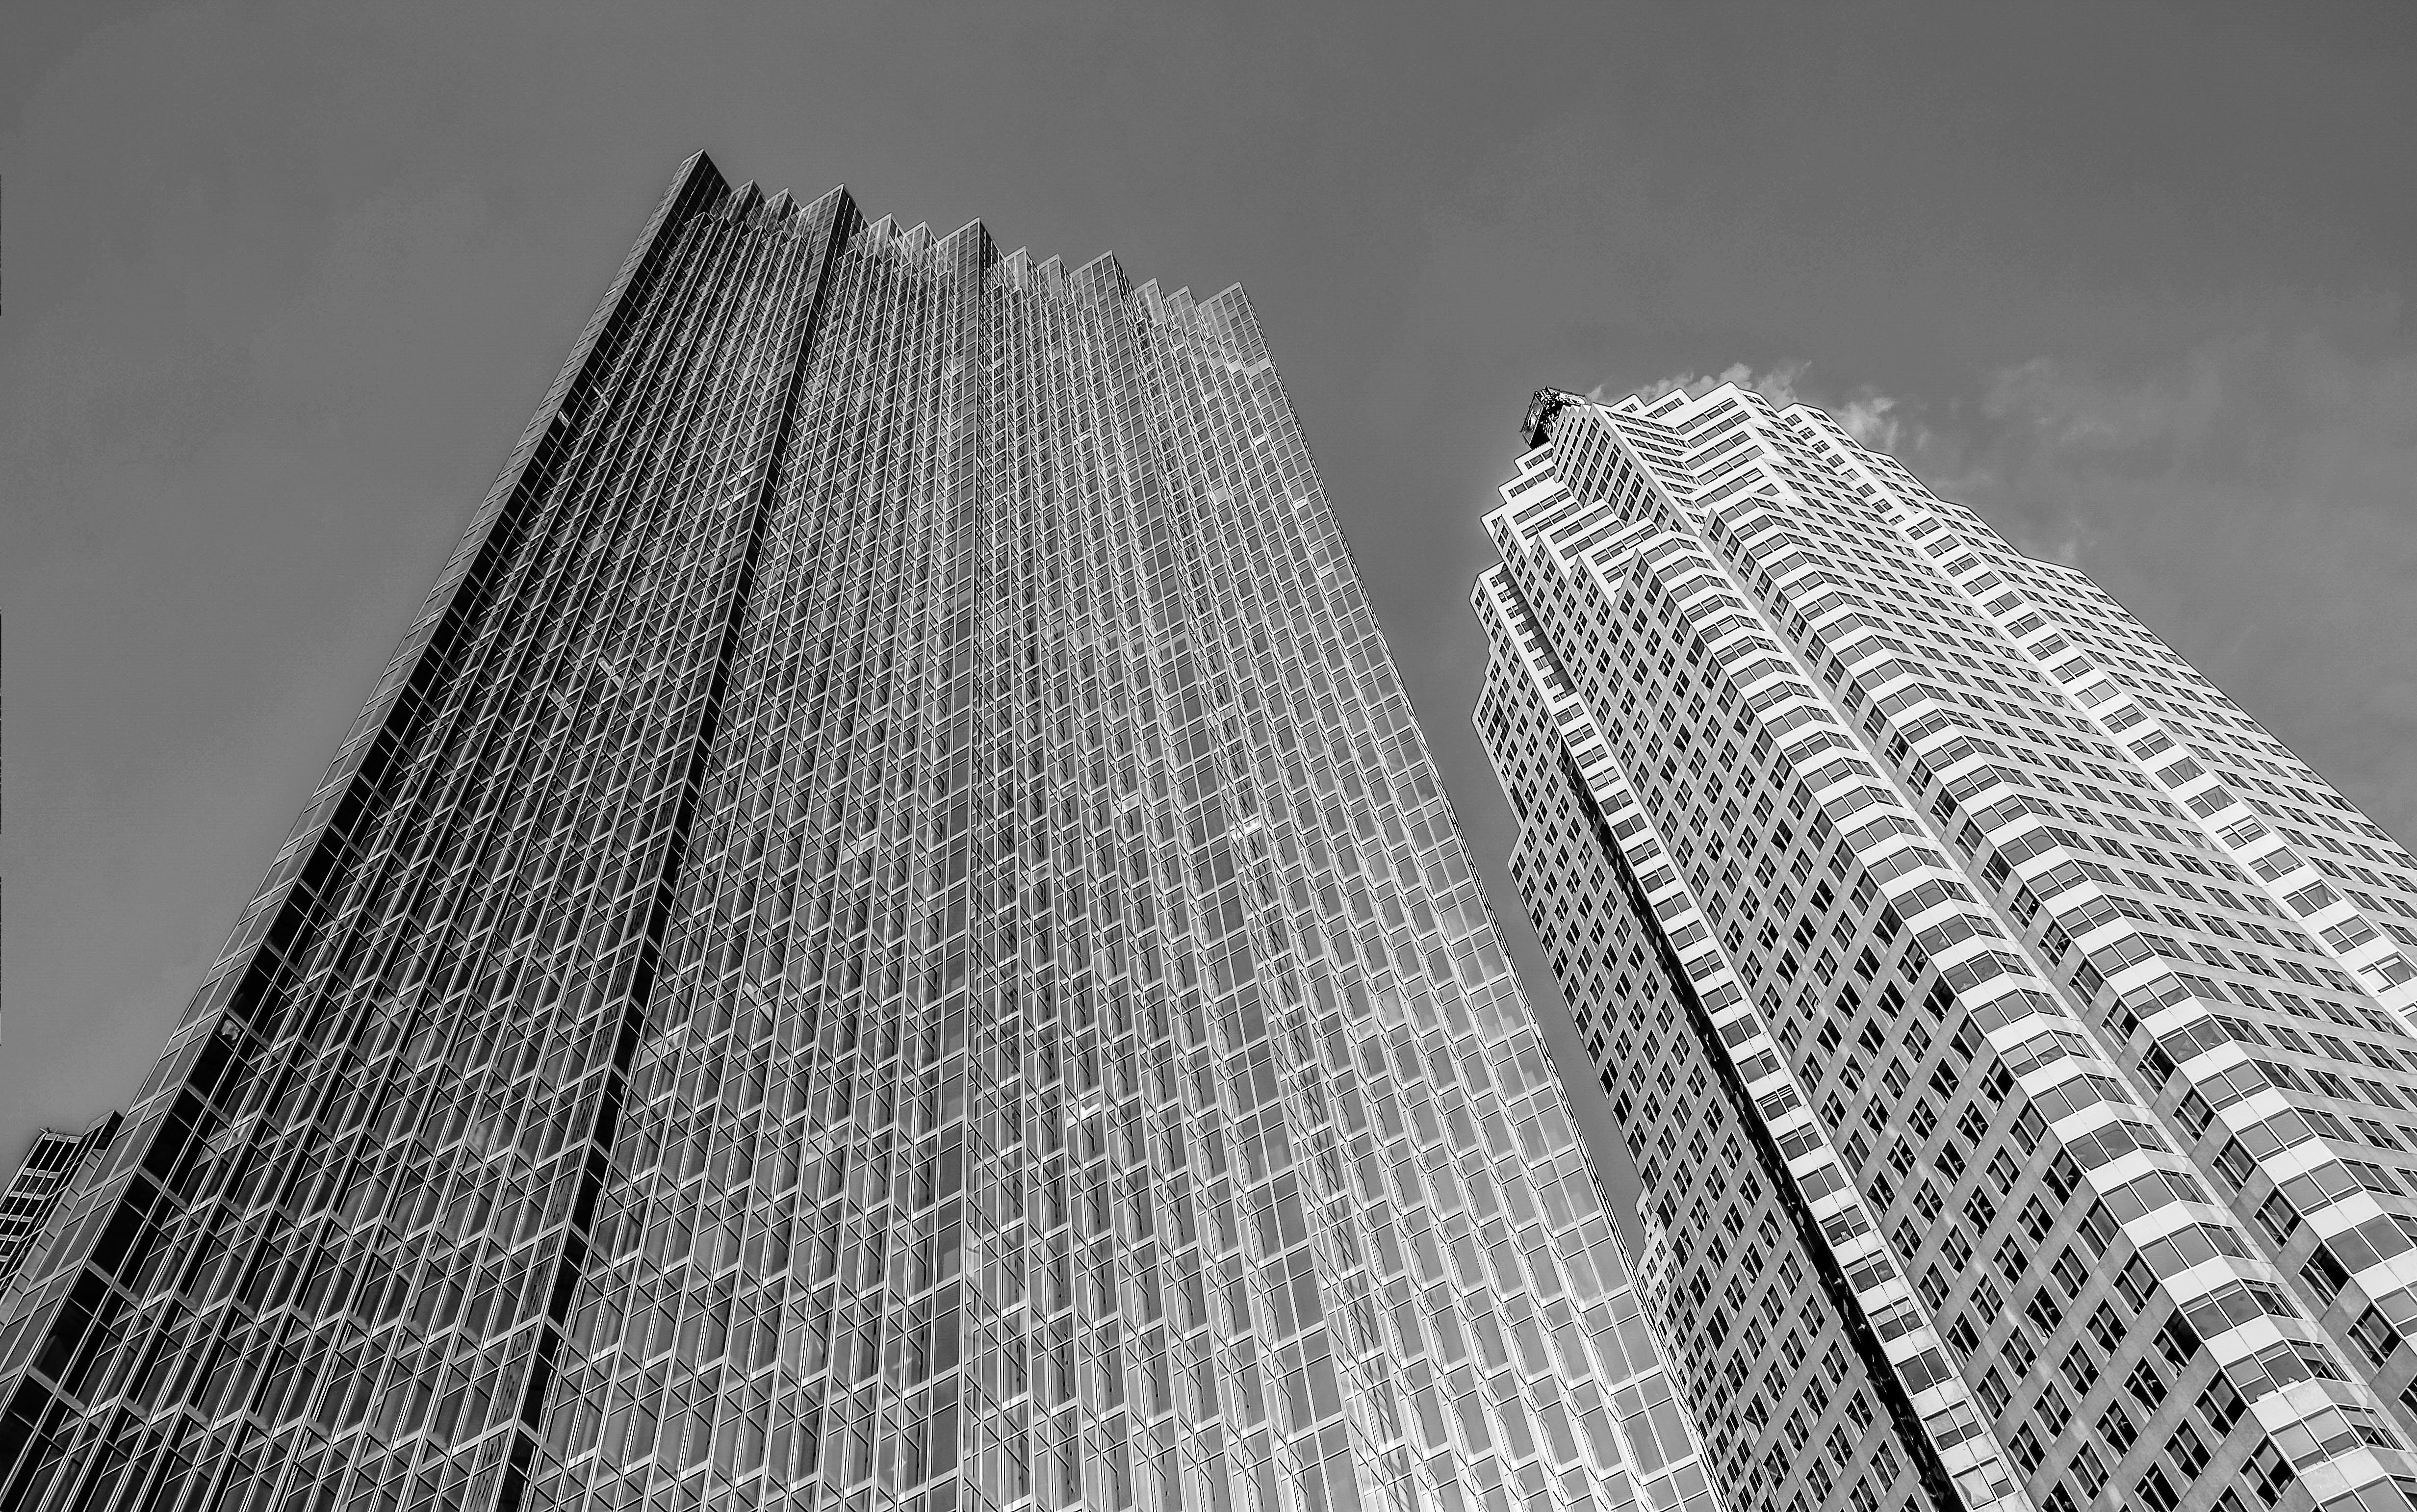 Kostenloses Stock Foto zu architektur, aufnahme von unten, downtown toronto, gebäude